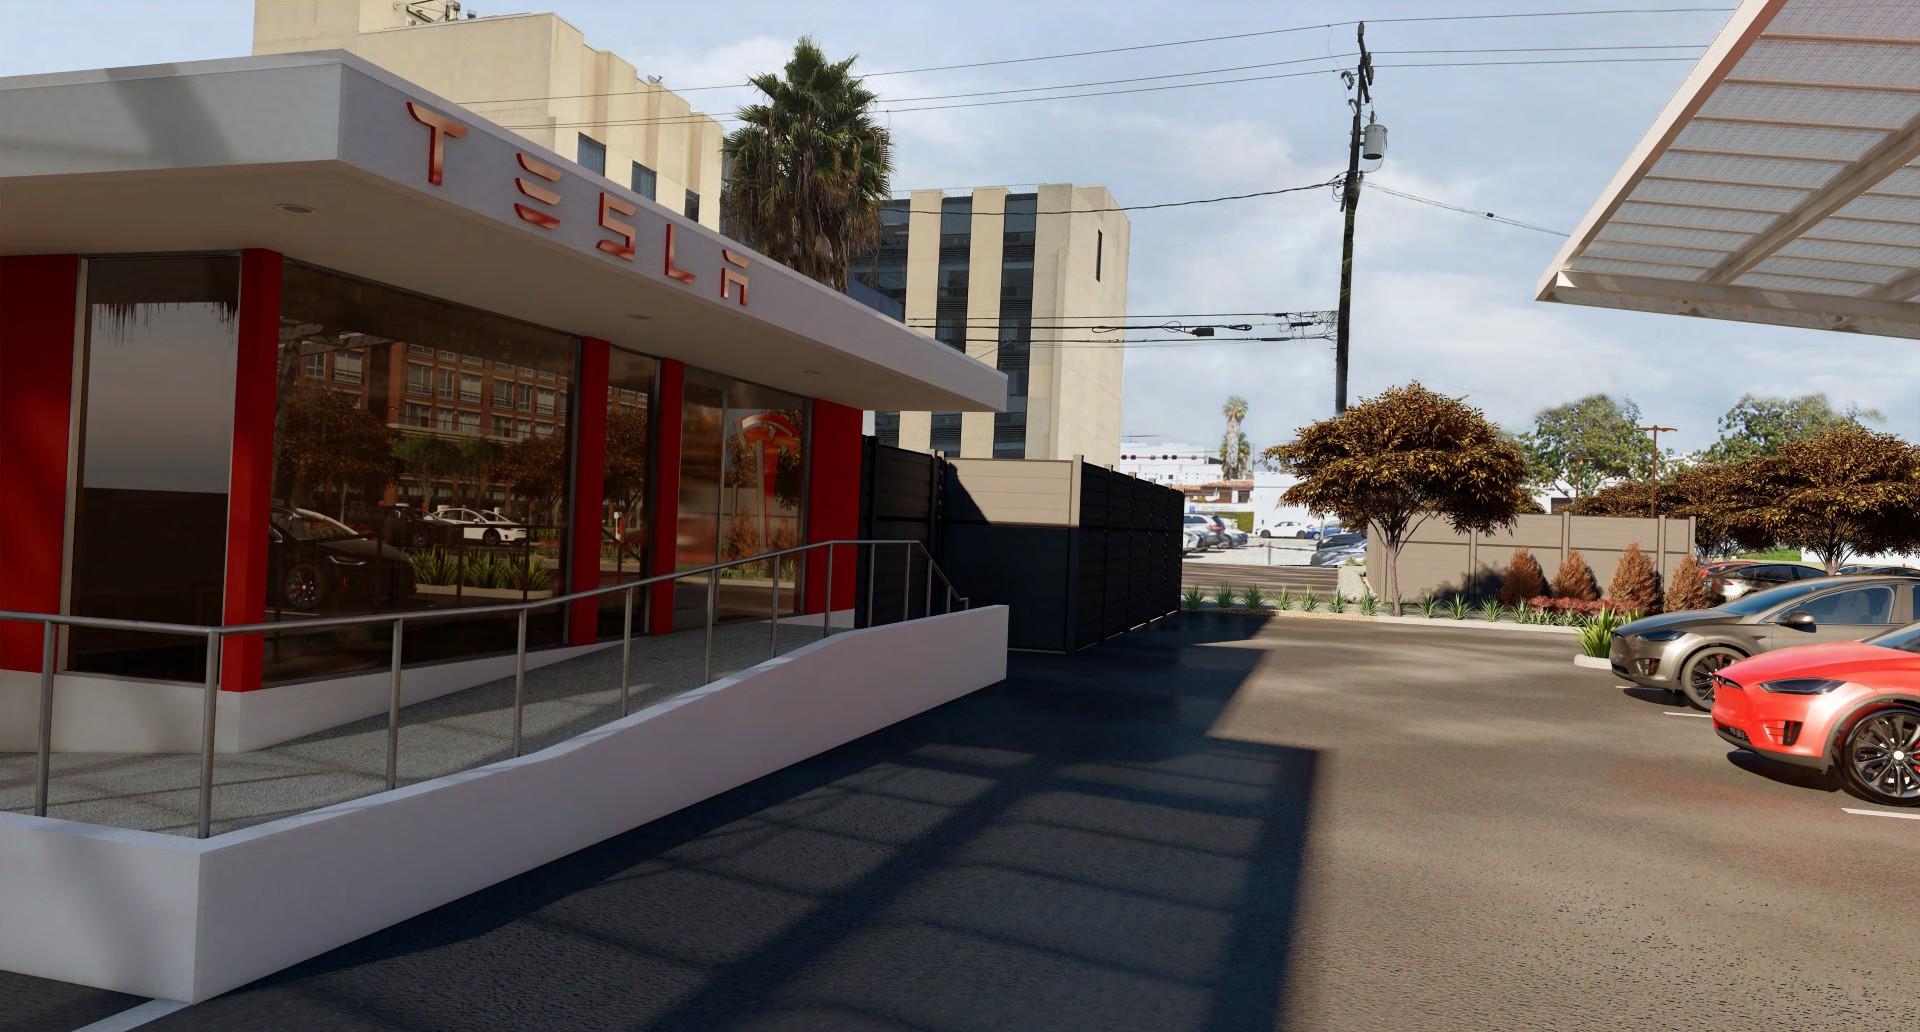 Tesla Santa Monica Supercharger вообразили в новых рендерах, но где же закусочная 50-х?